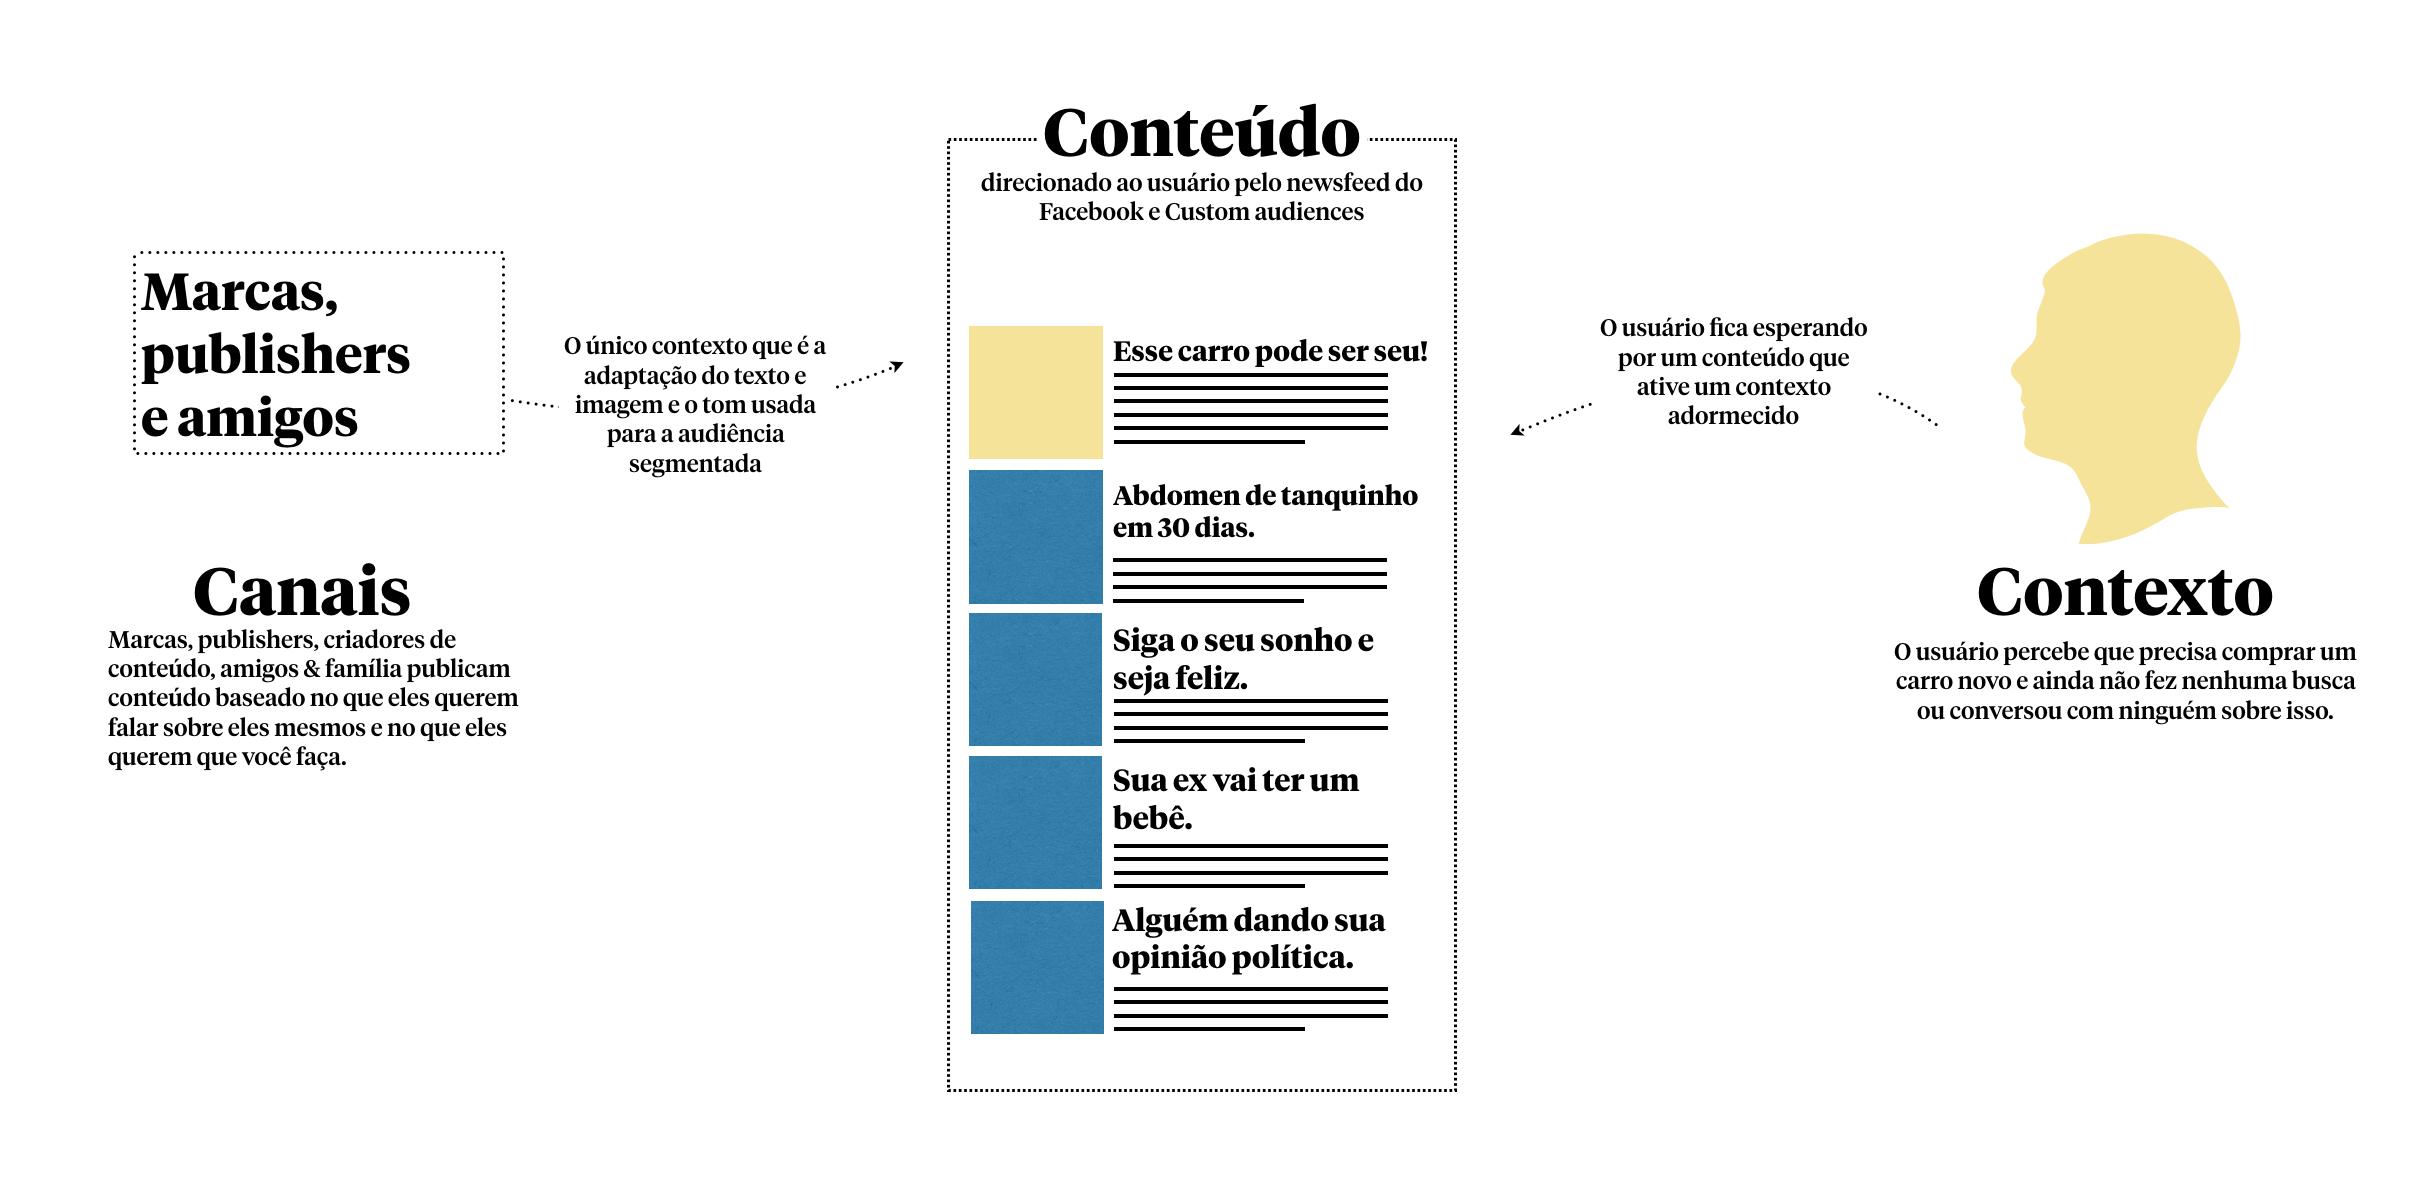 Conteudo_contexto_Social